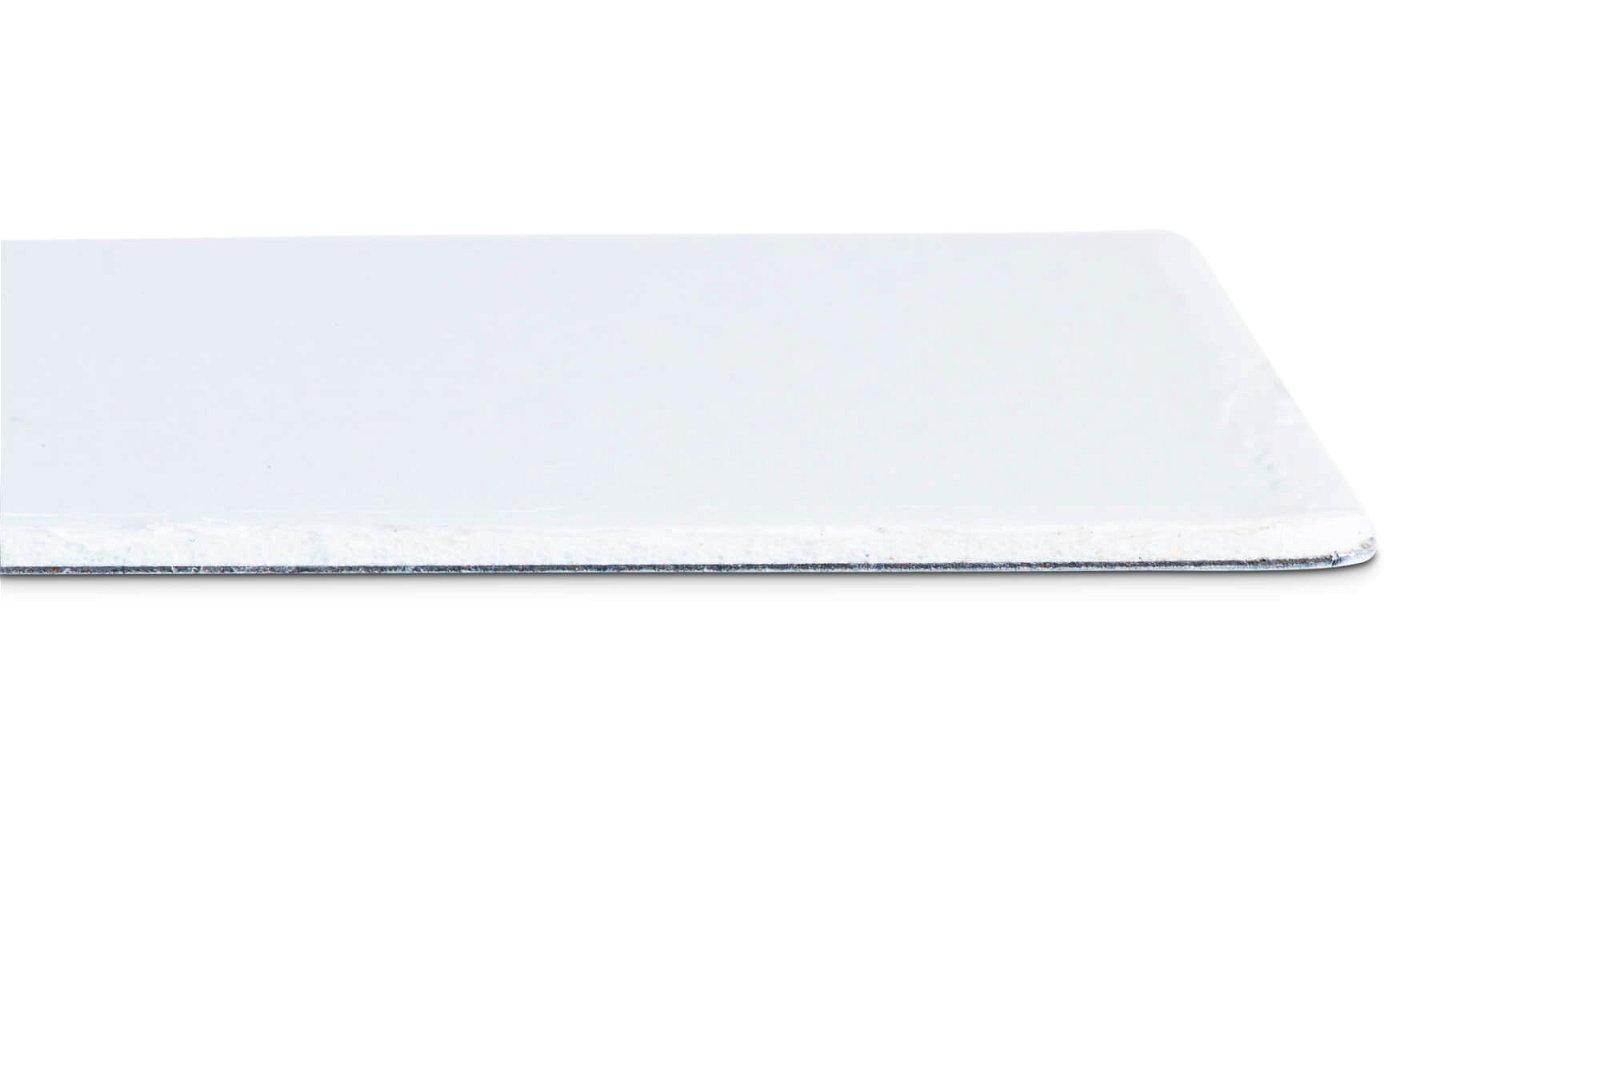 Ferroleiste MAULsolid, Länge 1 m, weiß